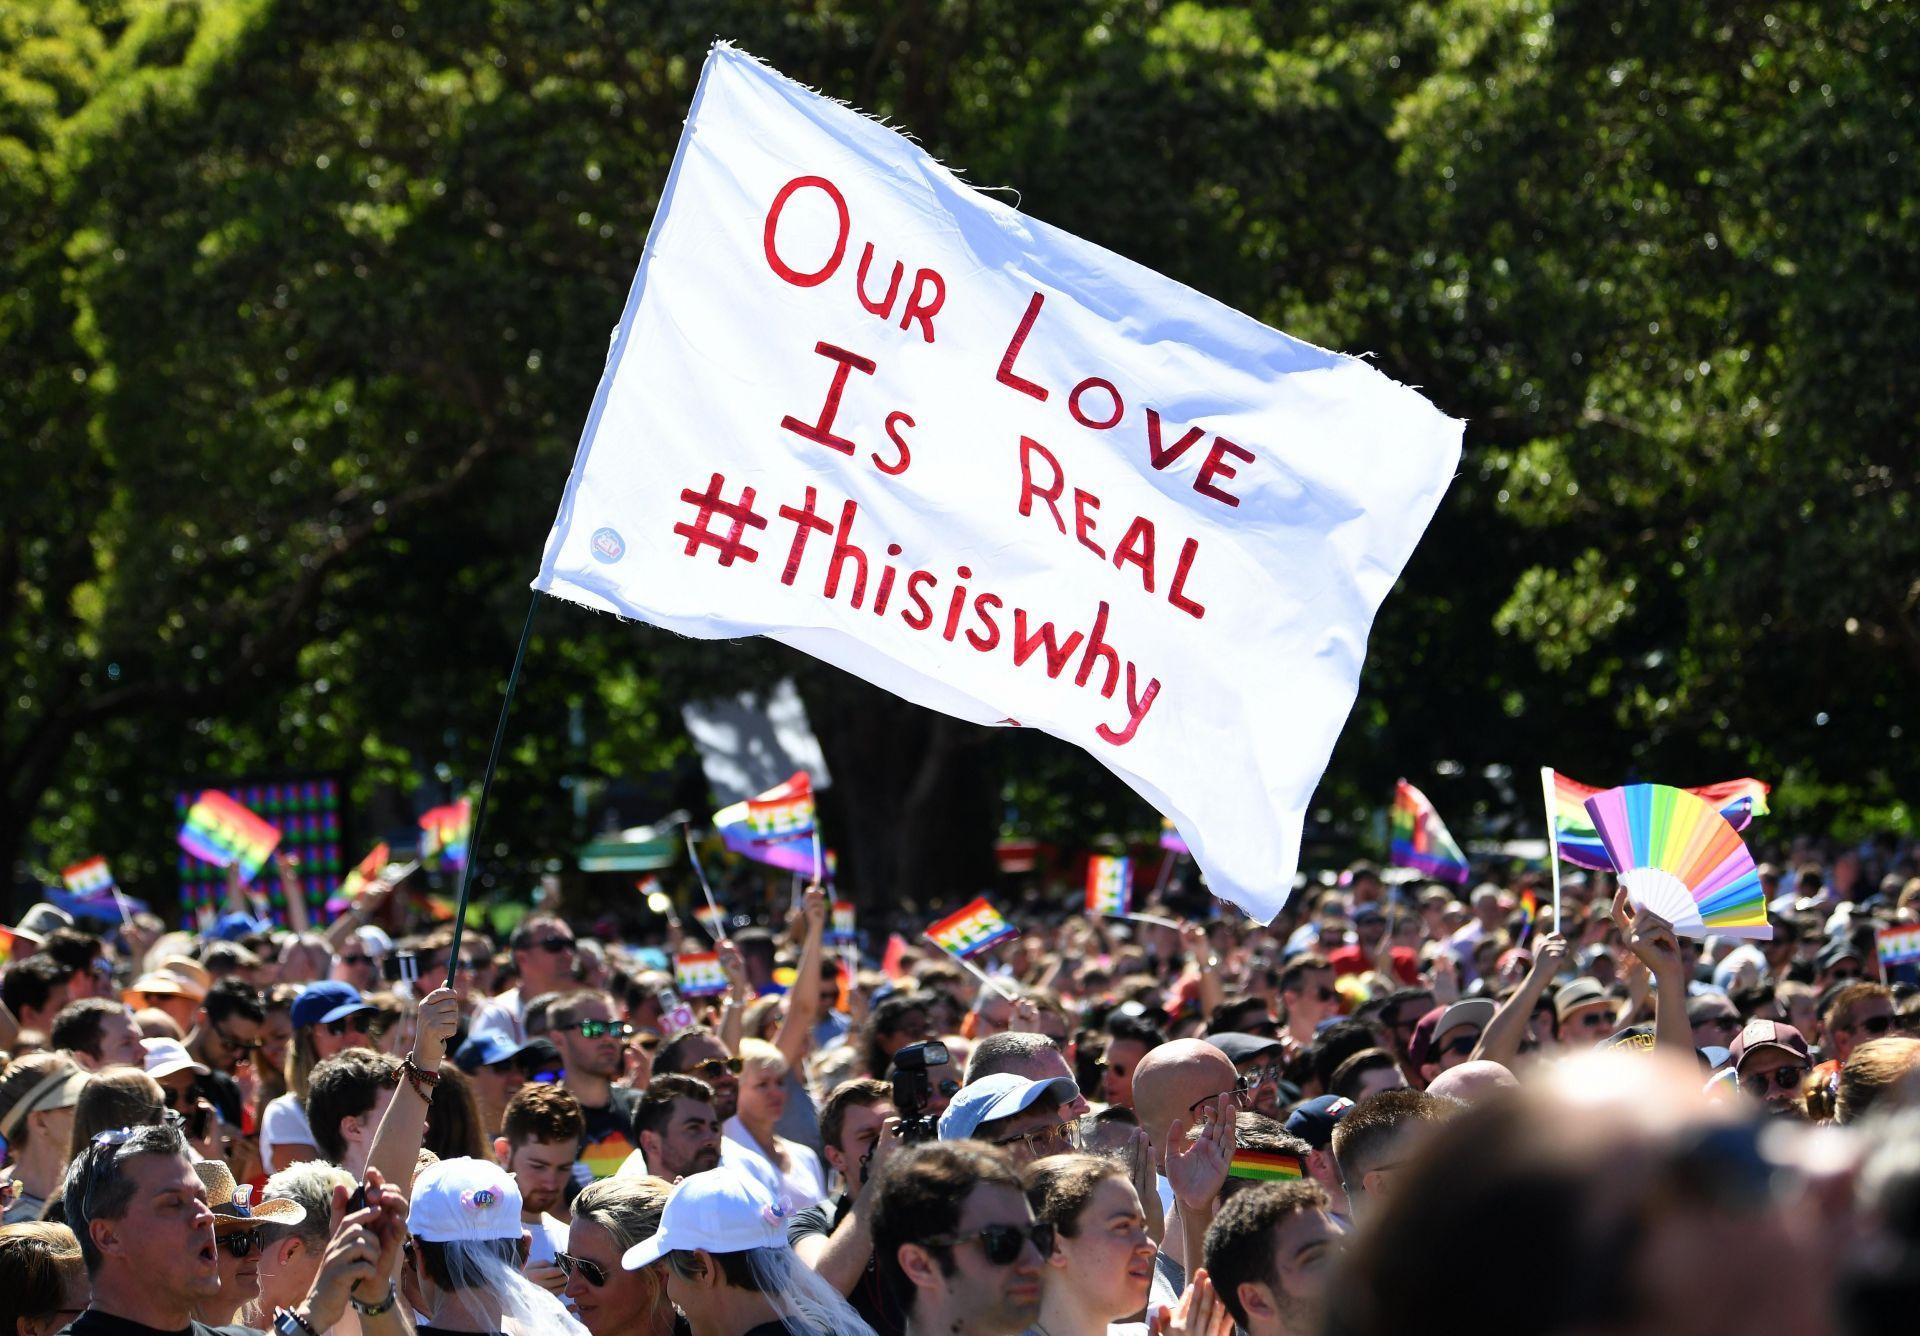 Personas reaccionan al conocerse el resultado de la encuesta postal sobre el matrimonio del mismo sexo hoy, miércoles 15 de noviembre de 2017, en el Prince Regent Park de Sídney (Australia).